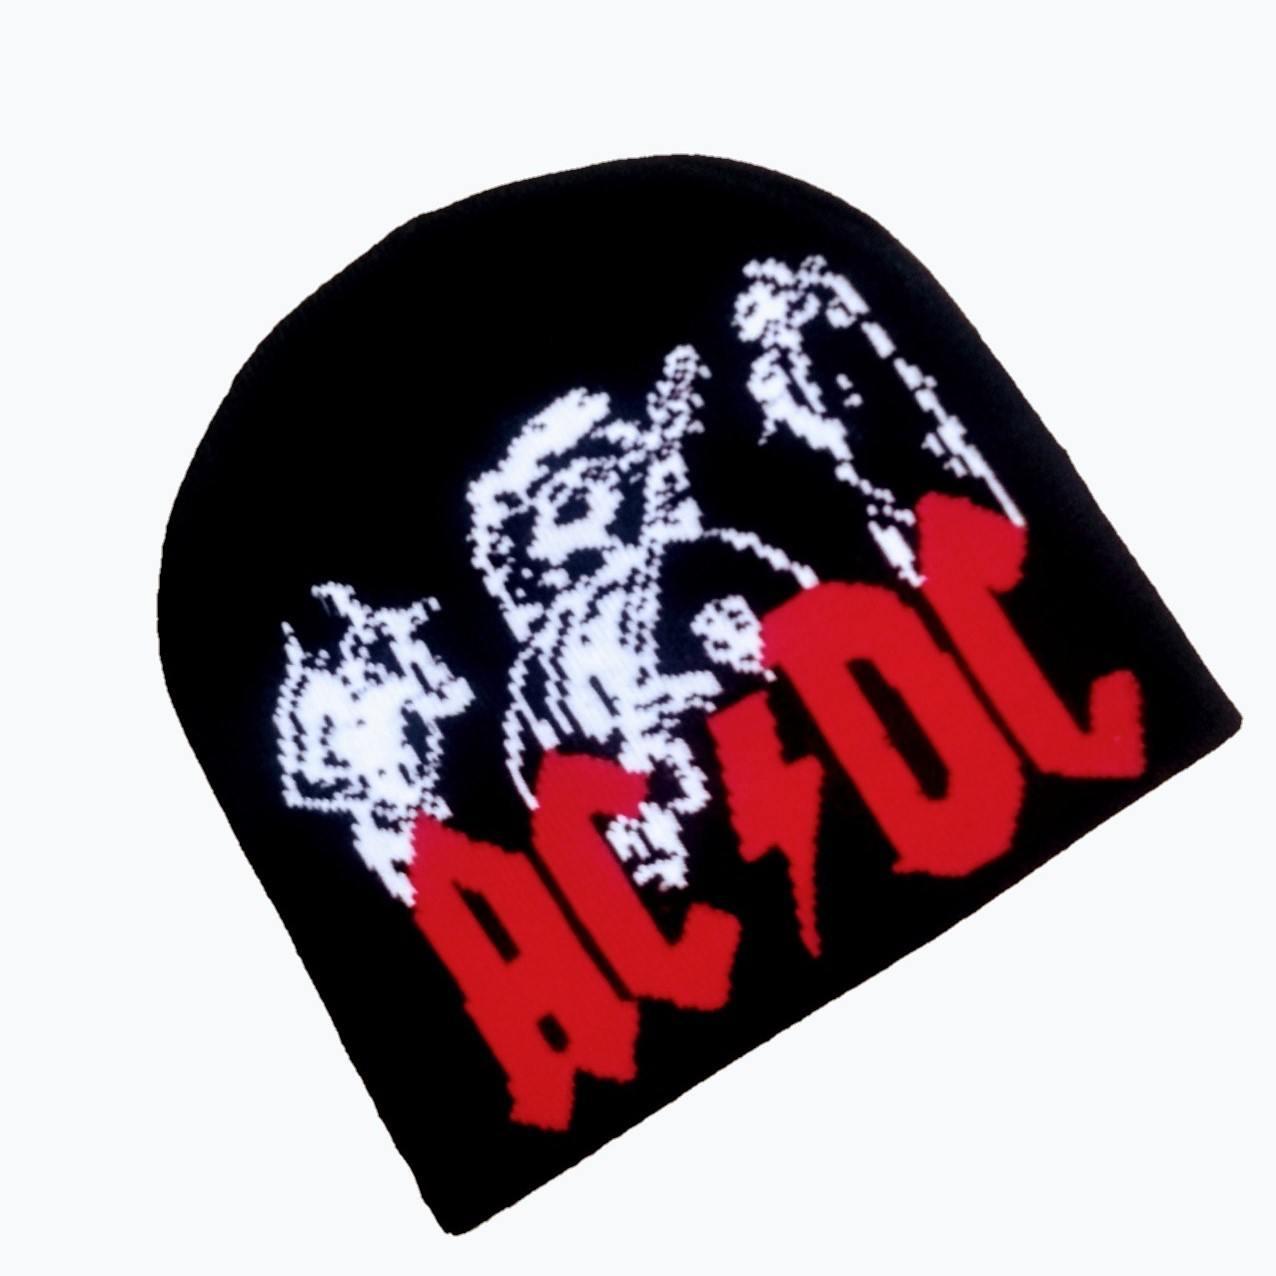 Gorro de lã Touca unissex AC DC